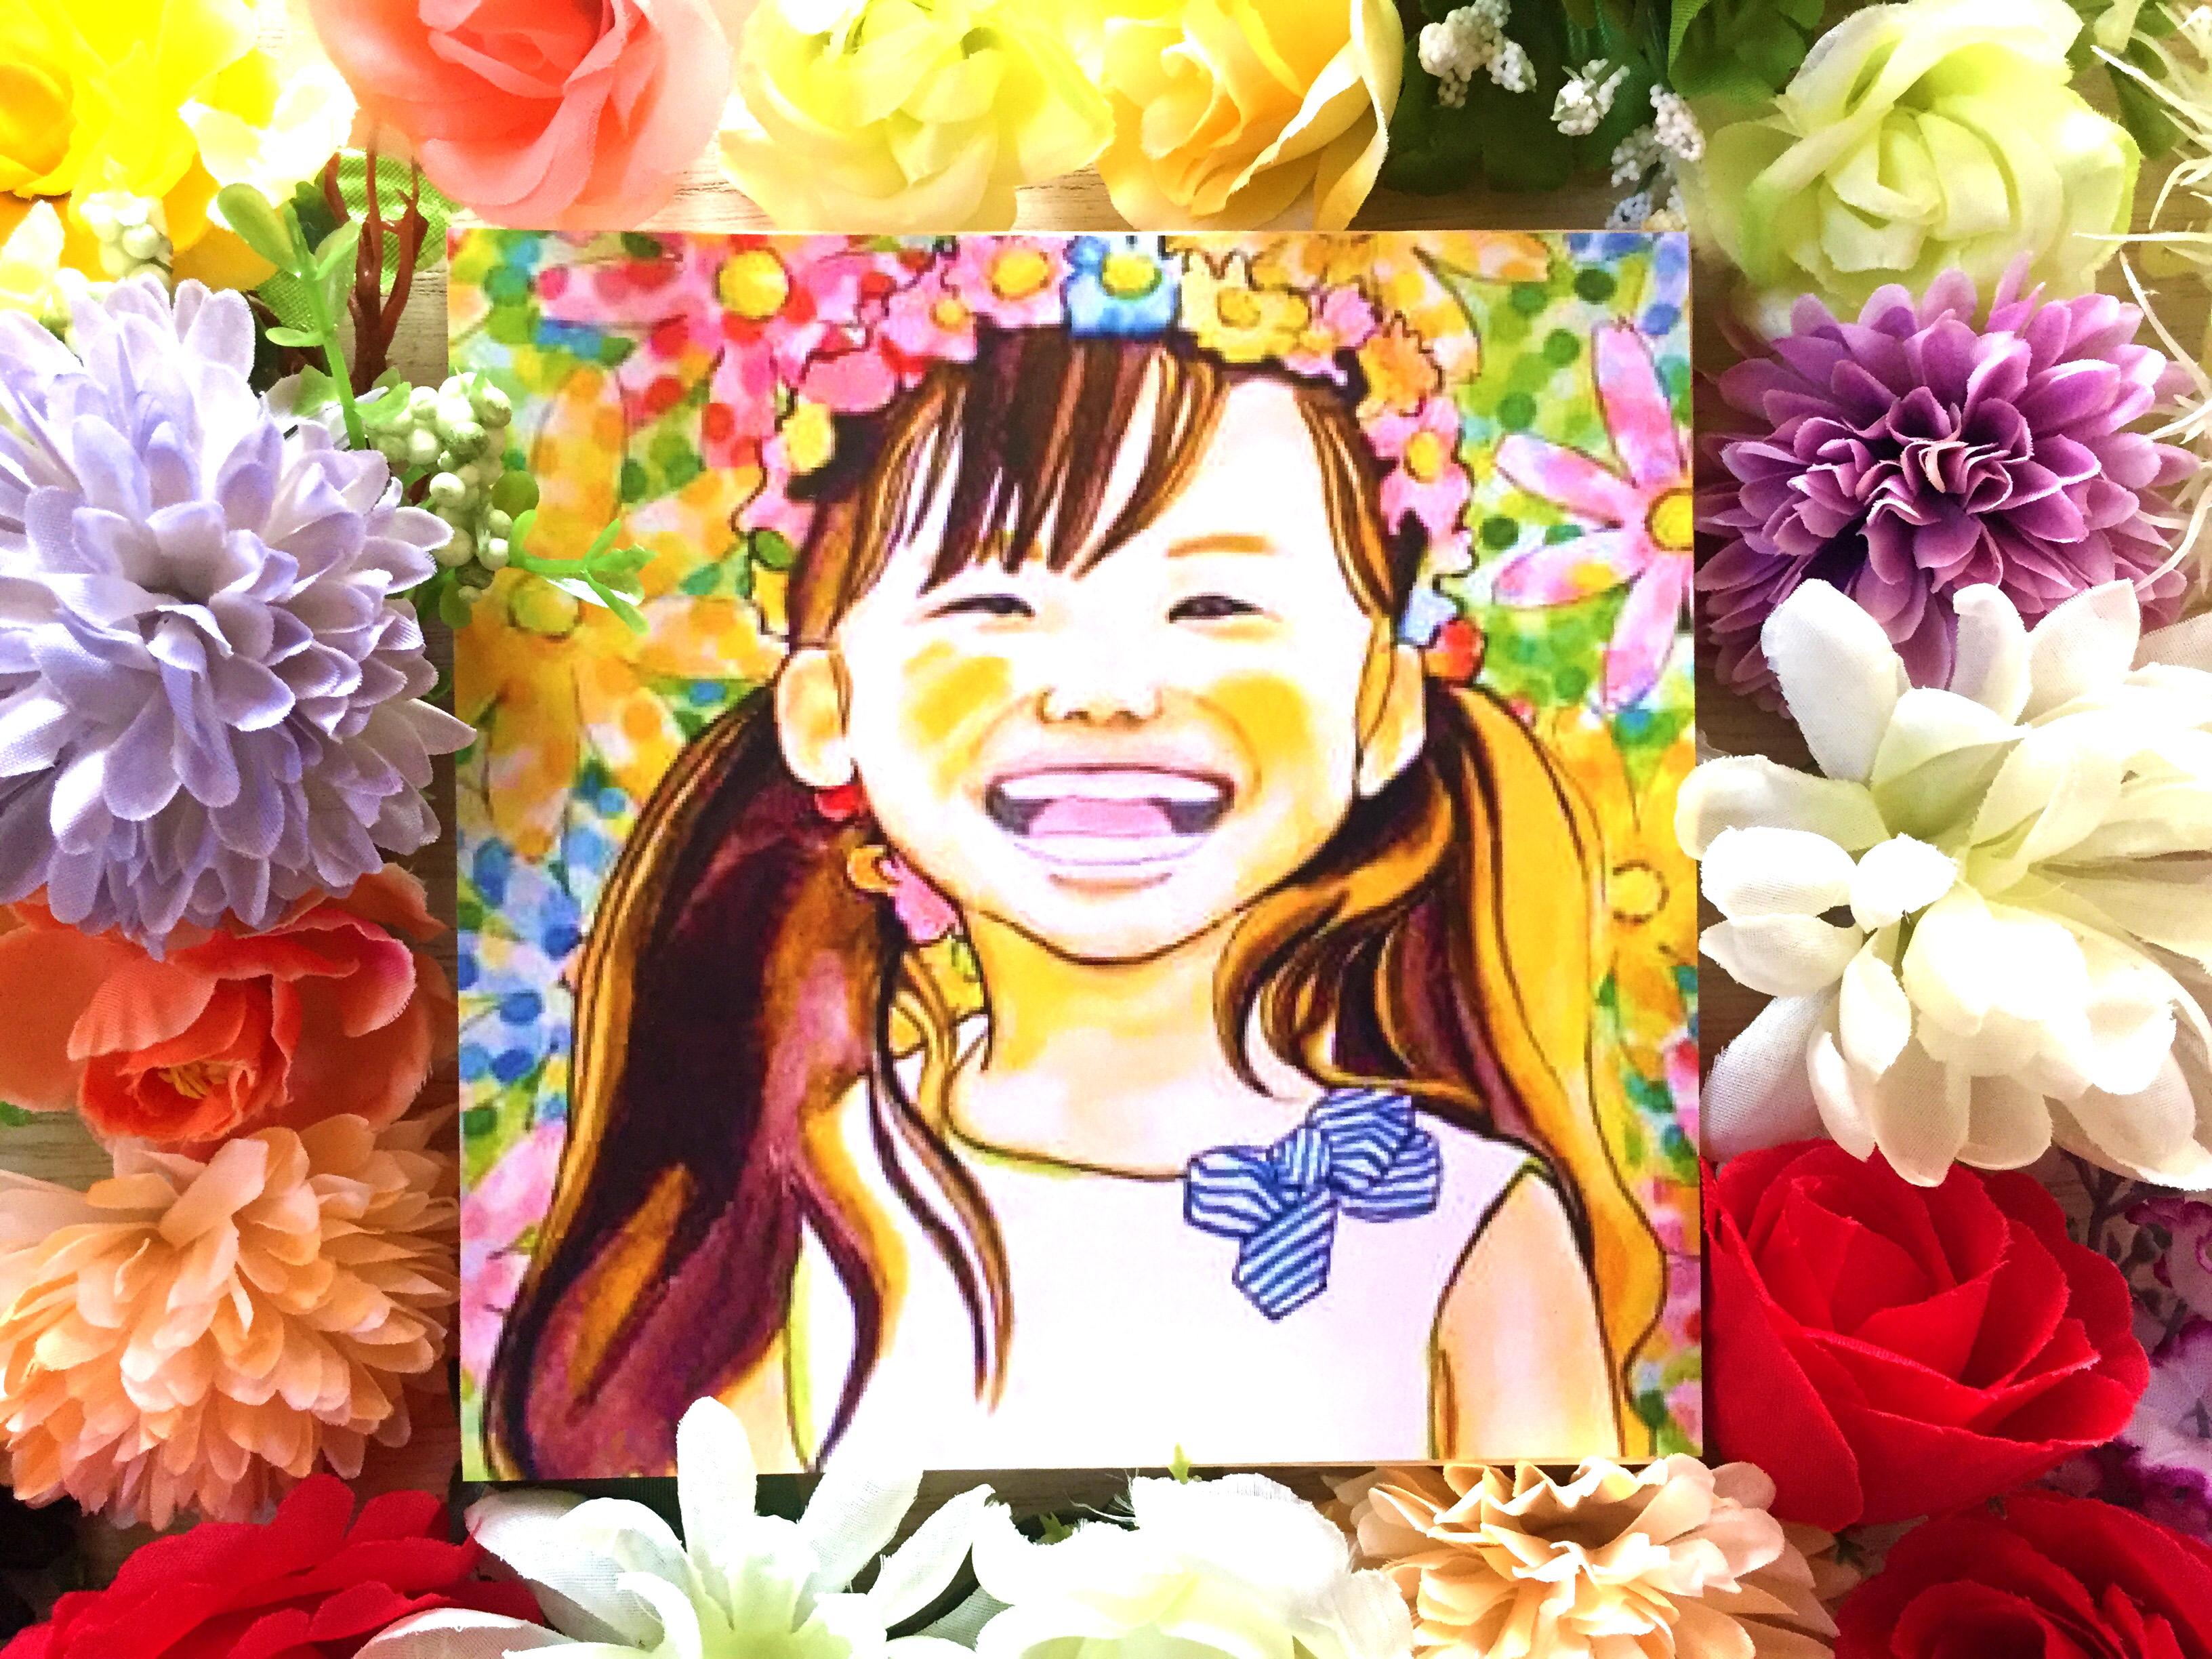 どんな素敵なお花だって君の笑顔の前では霞んでしまうよ